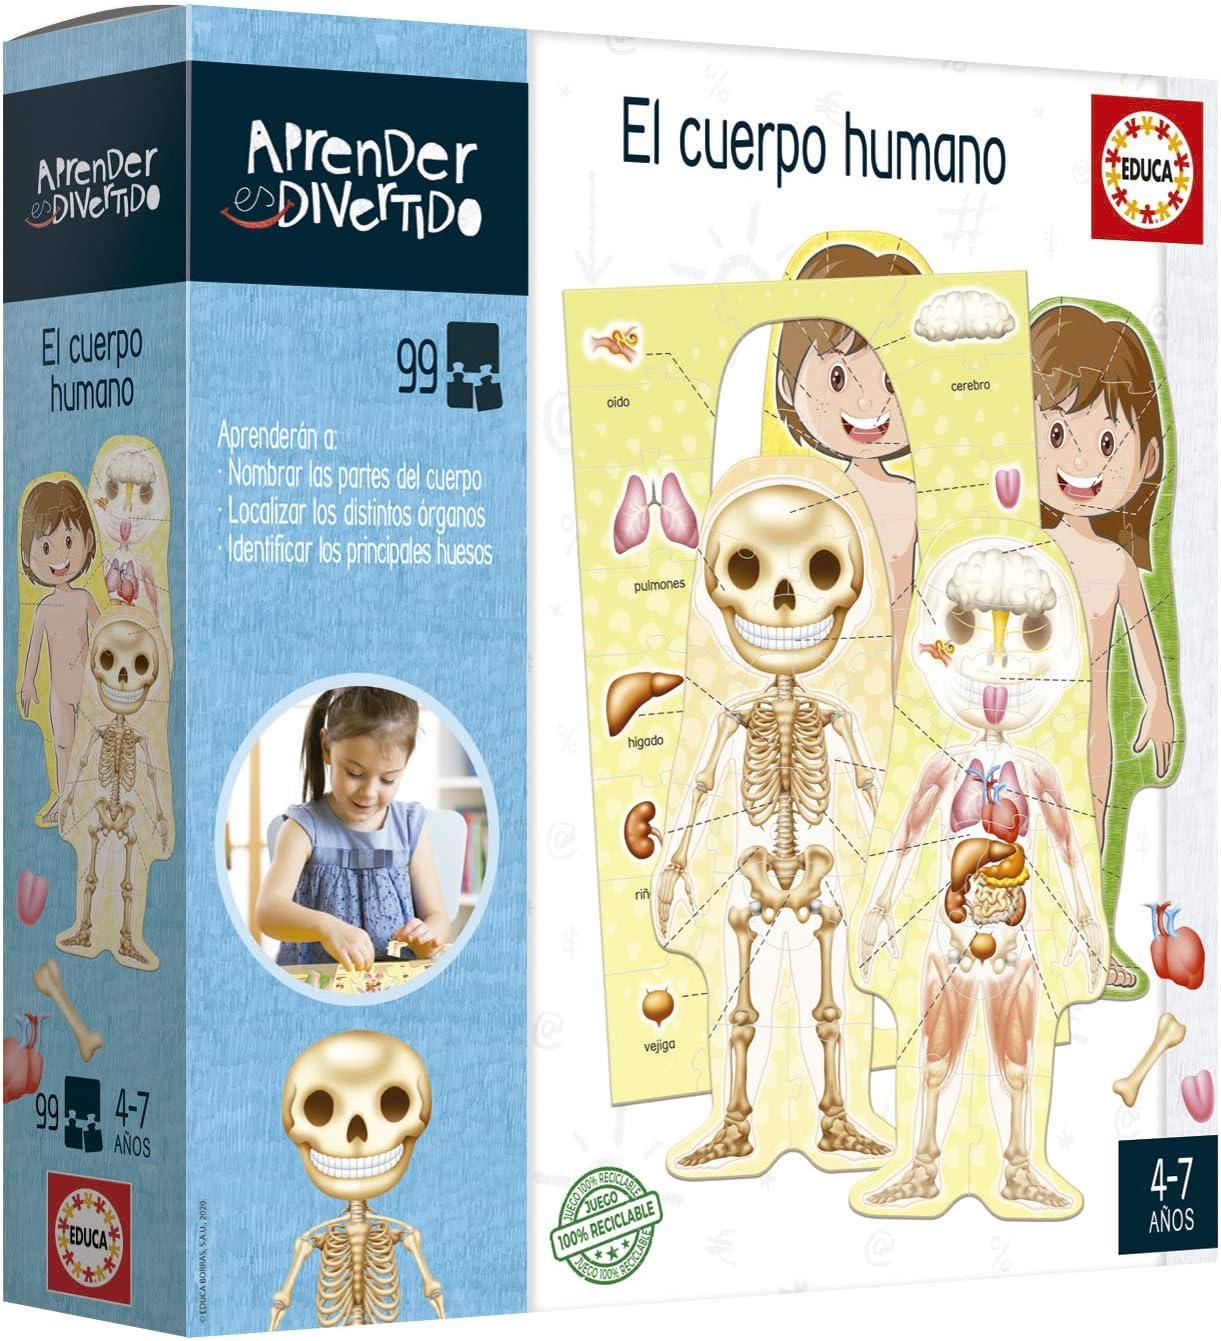 Educa- Aprendo Aprender es Divertido El Cuerpo Humano, Juego educativo para niños, a partir de 4 años (18701) , color/modelo surtido: Amazon.es: Juguetes y juegos